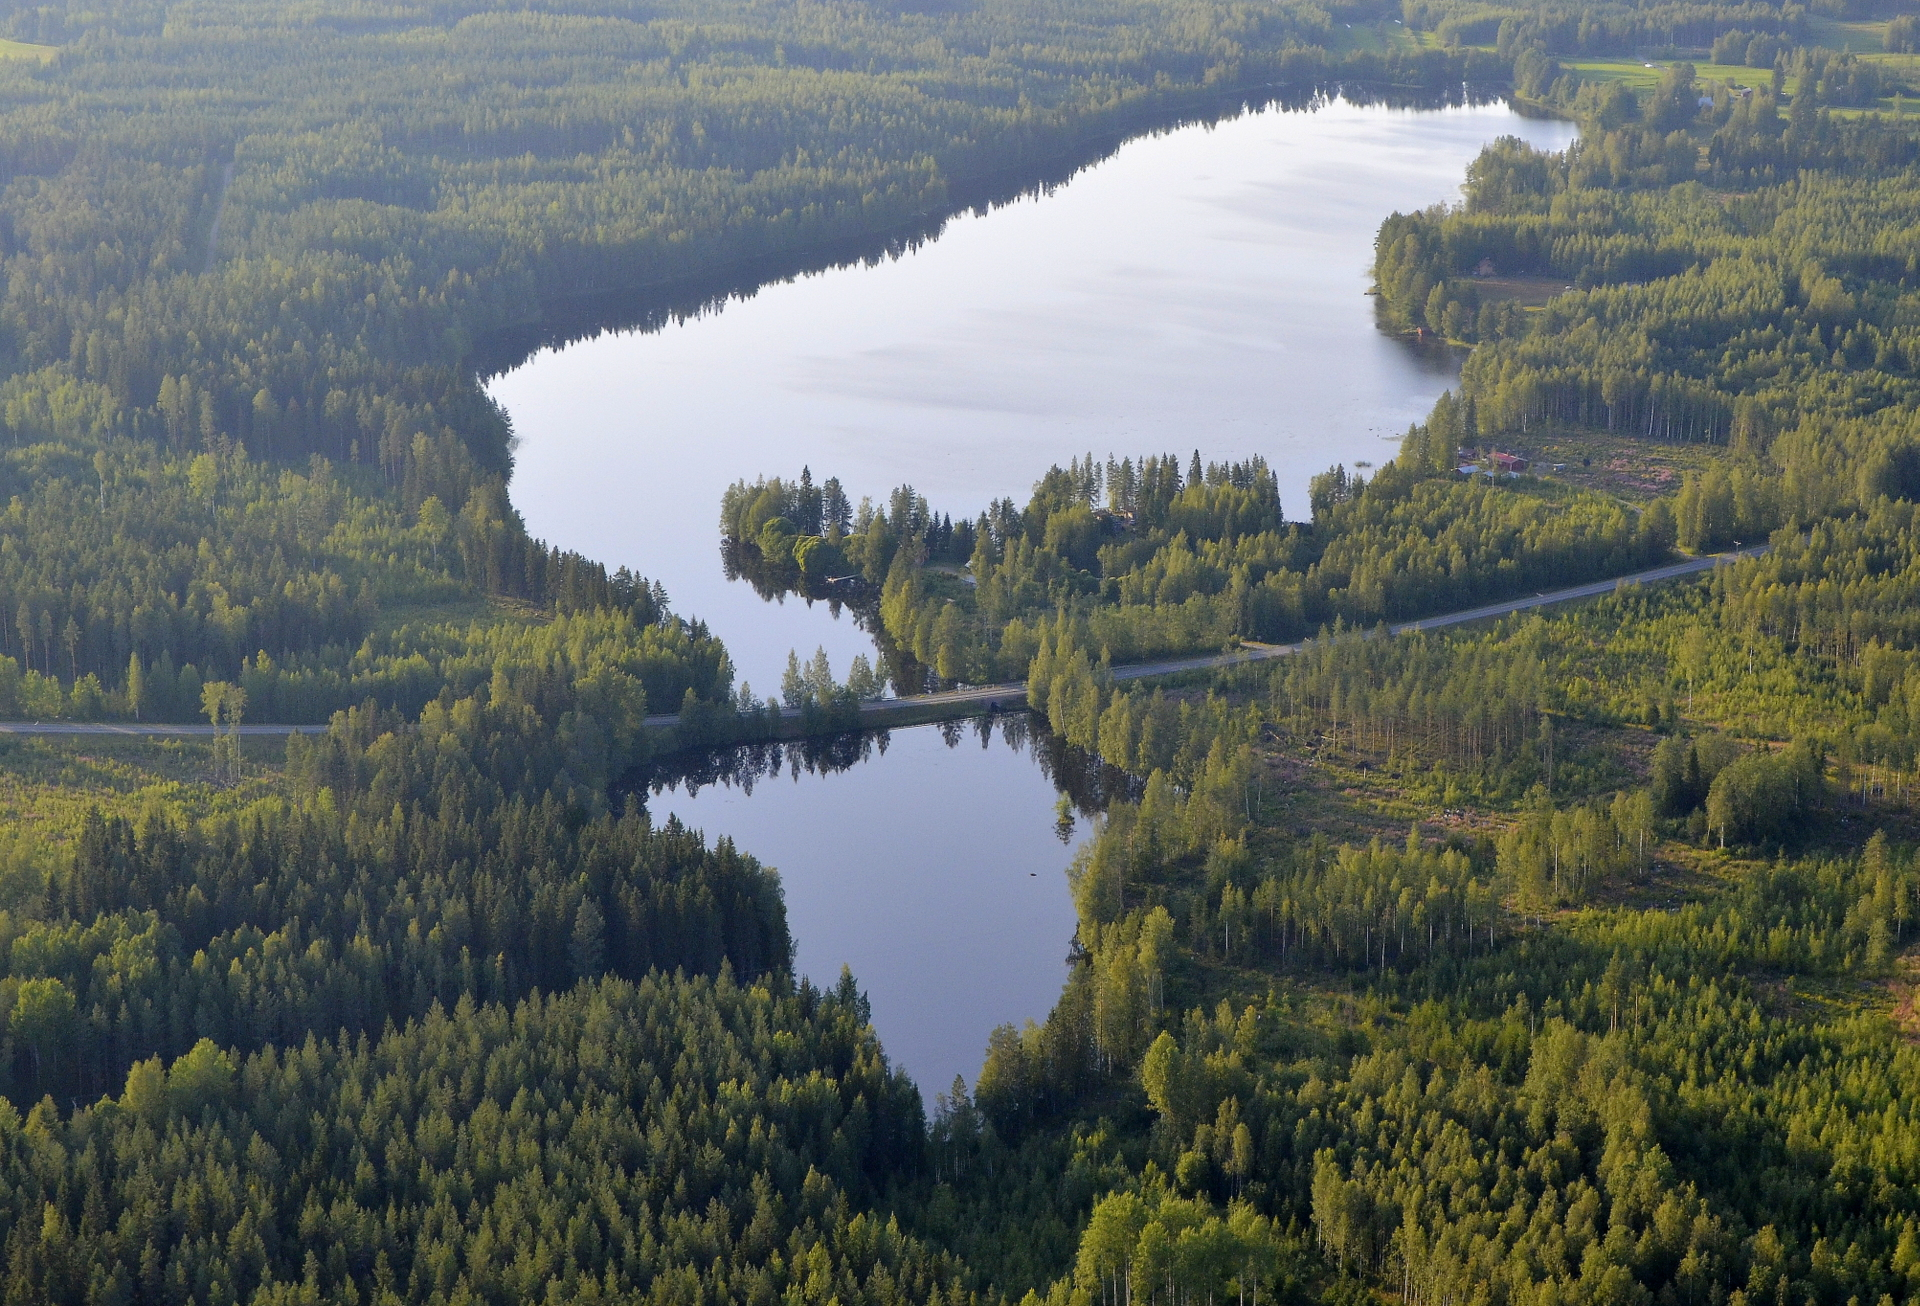 Luomajärvi jää menosuunnassa vasemmalle.